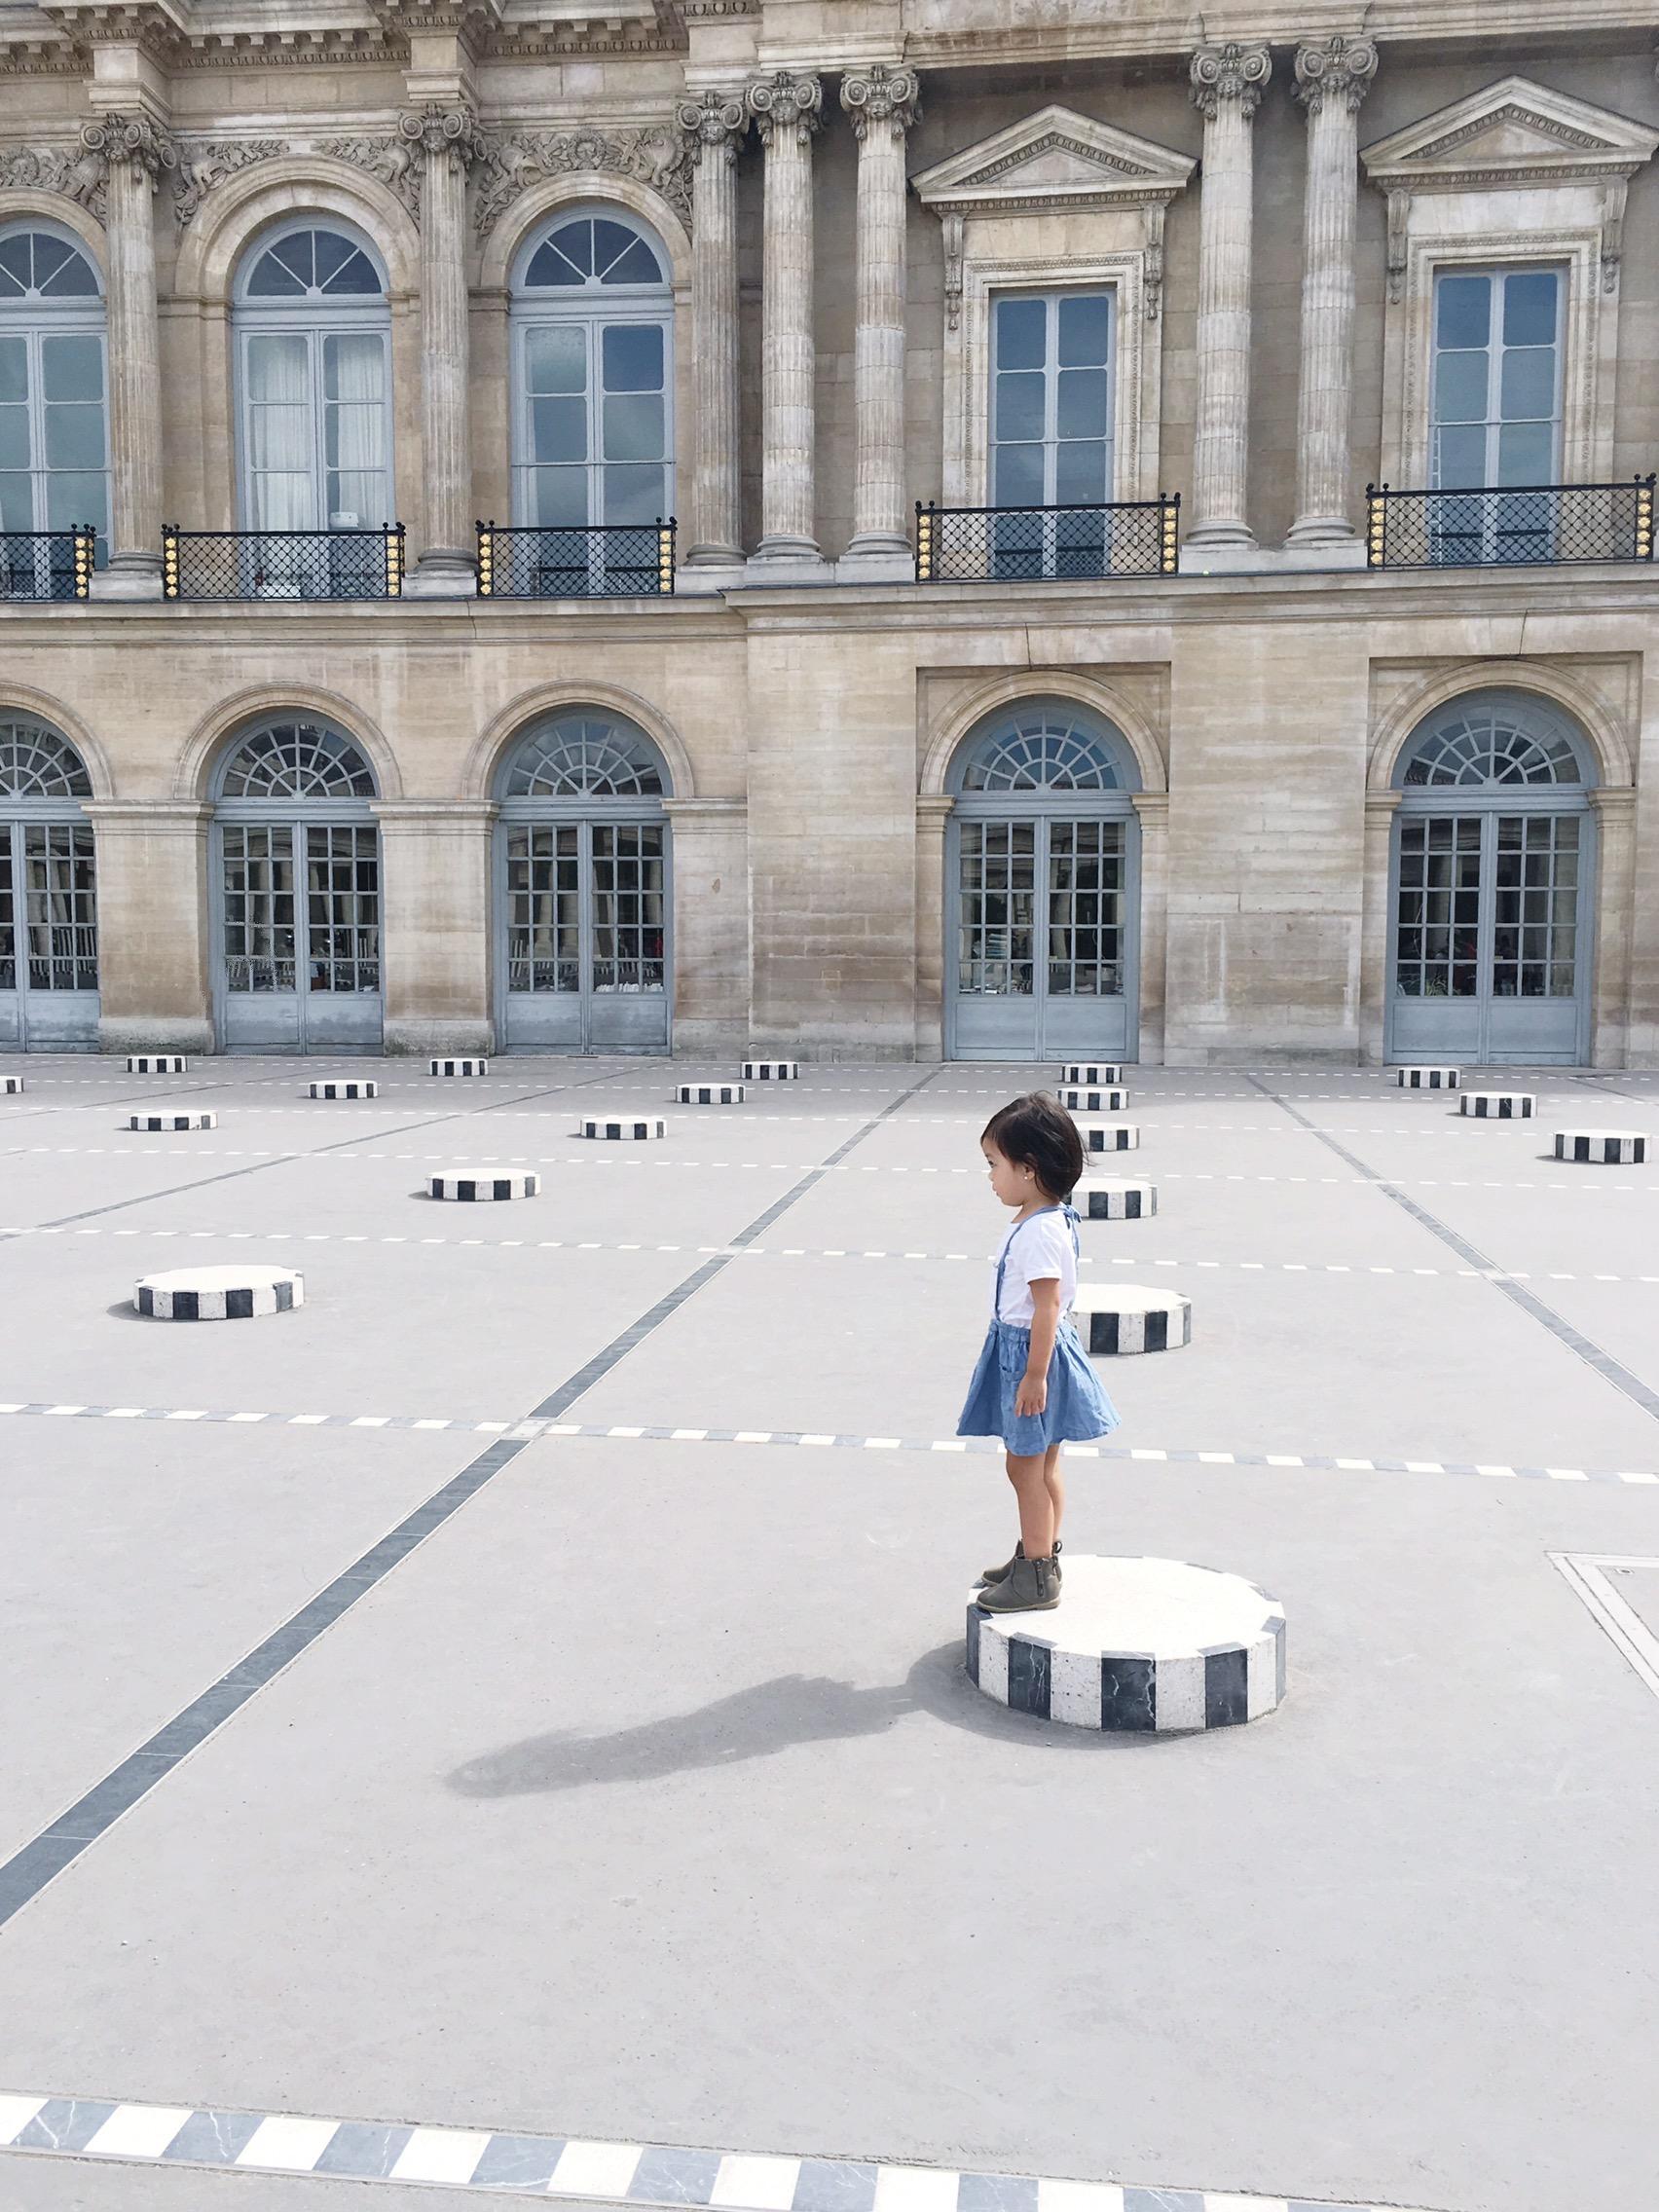 #olivialiviliv at Palais Royal on meethaha.com